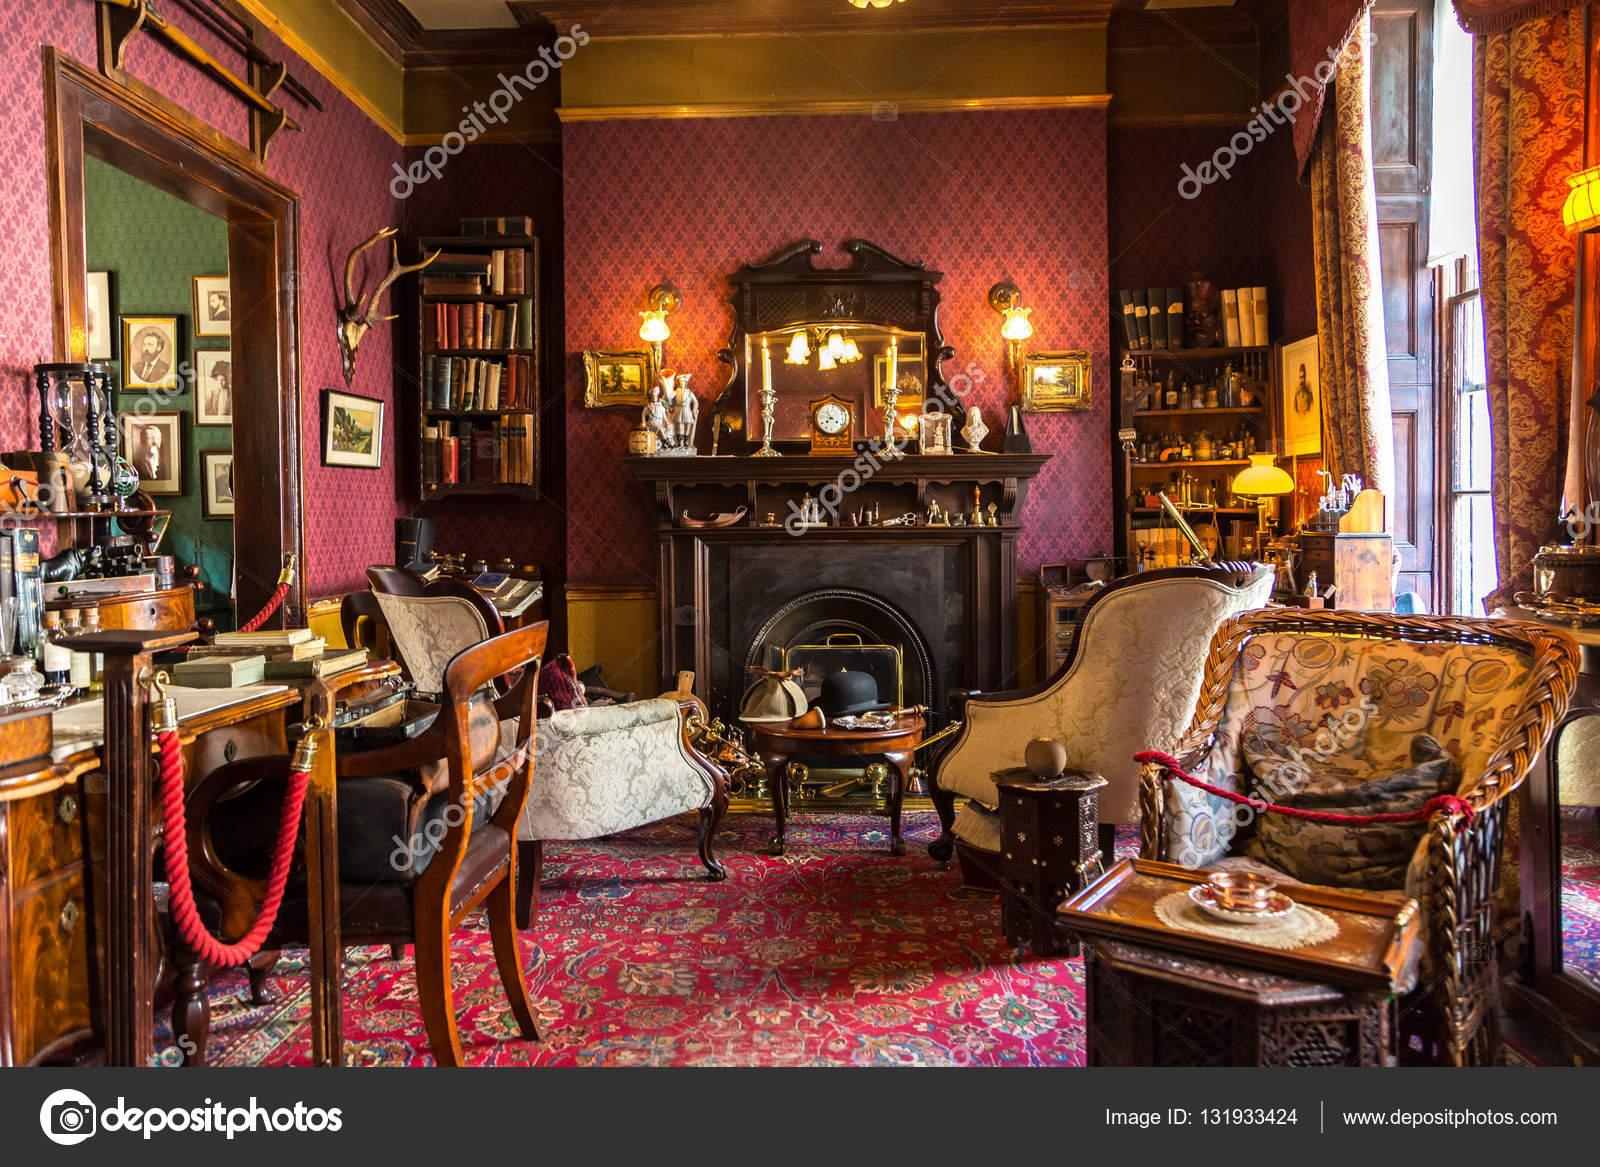 Sherlock holmes museum londyn zdj cie stockowe - Casa de sherlock holmes ...